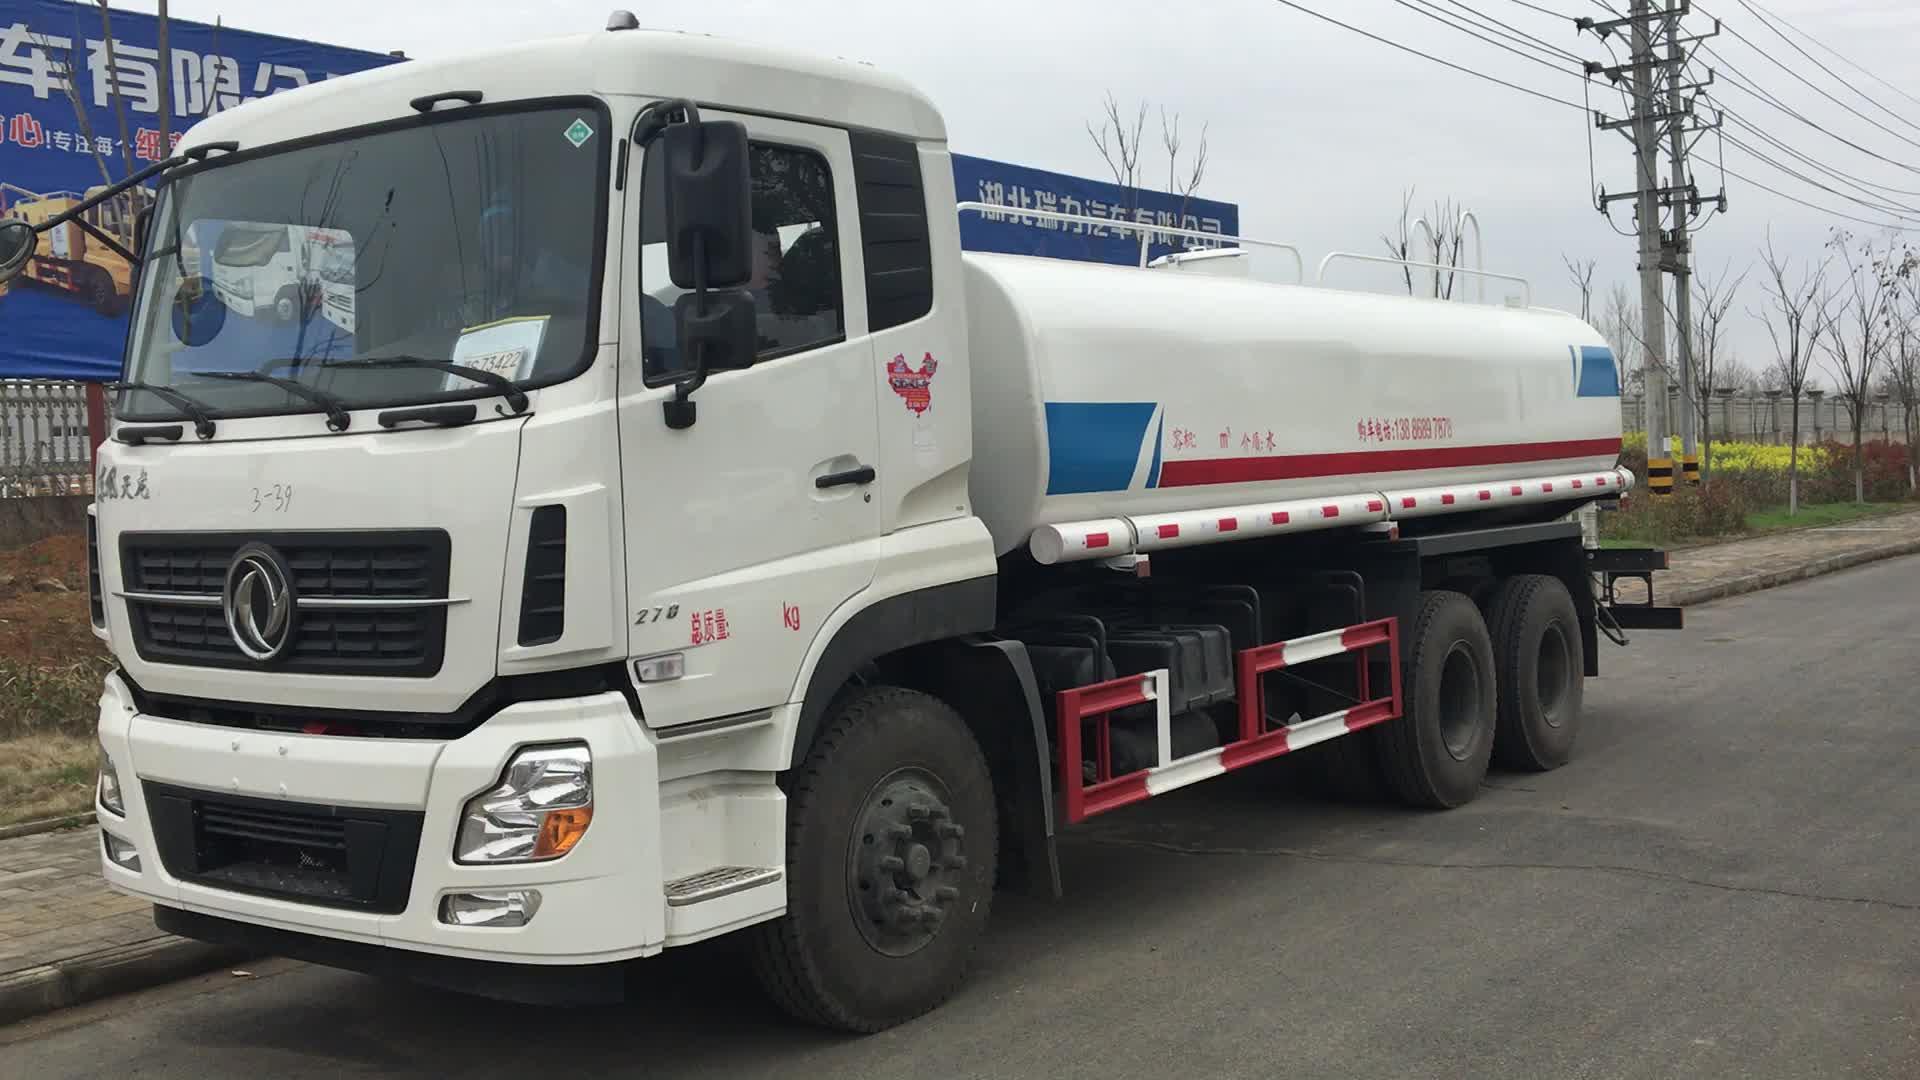 Trung quốc Nhãn Hiệu DONGFENG 6x4 Diesel Nhiên Liệu Loại 18000L Nước Tàu Chở Xe Tải